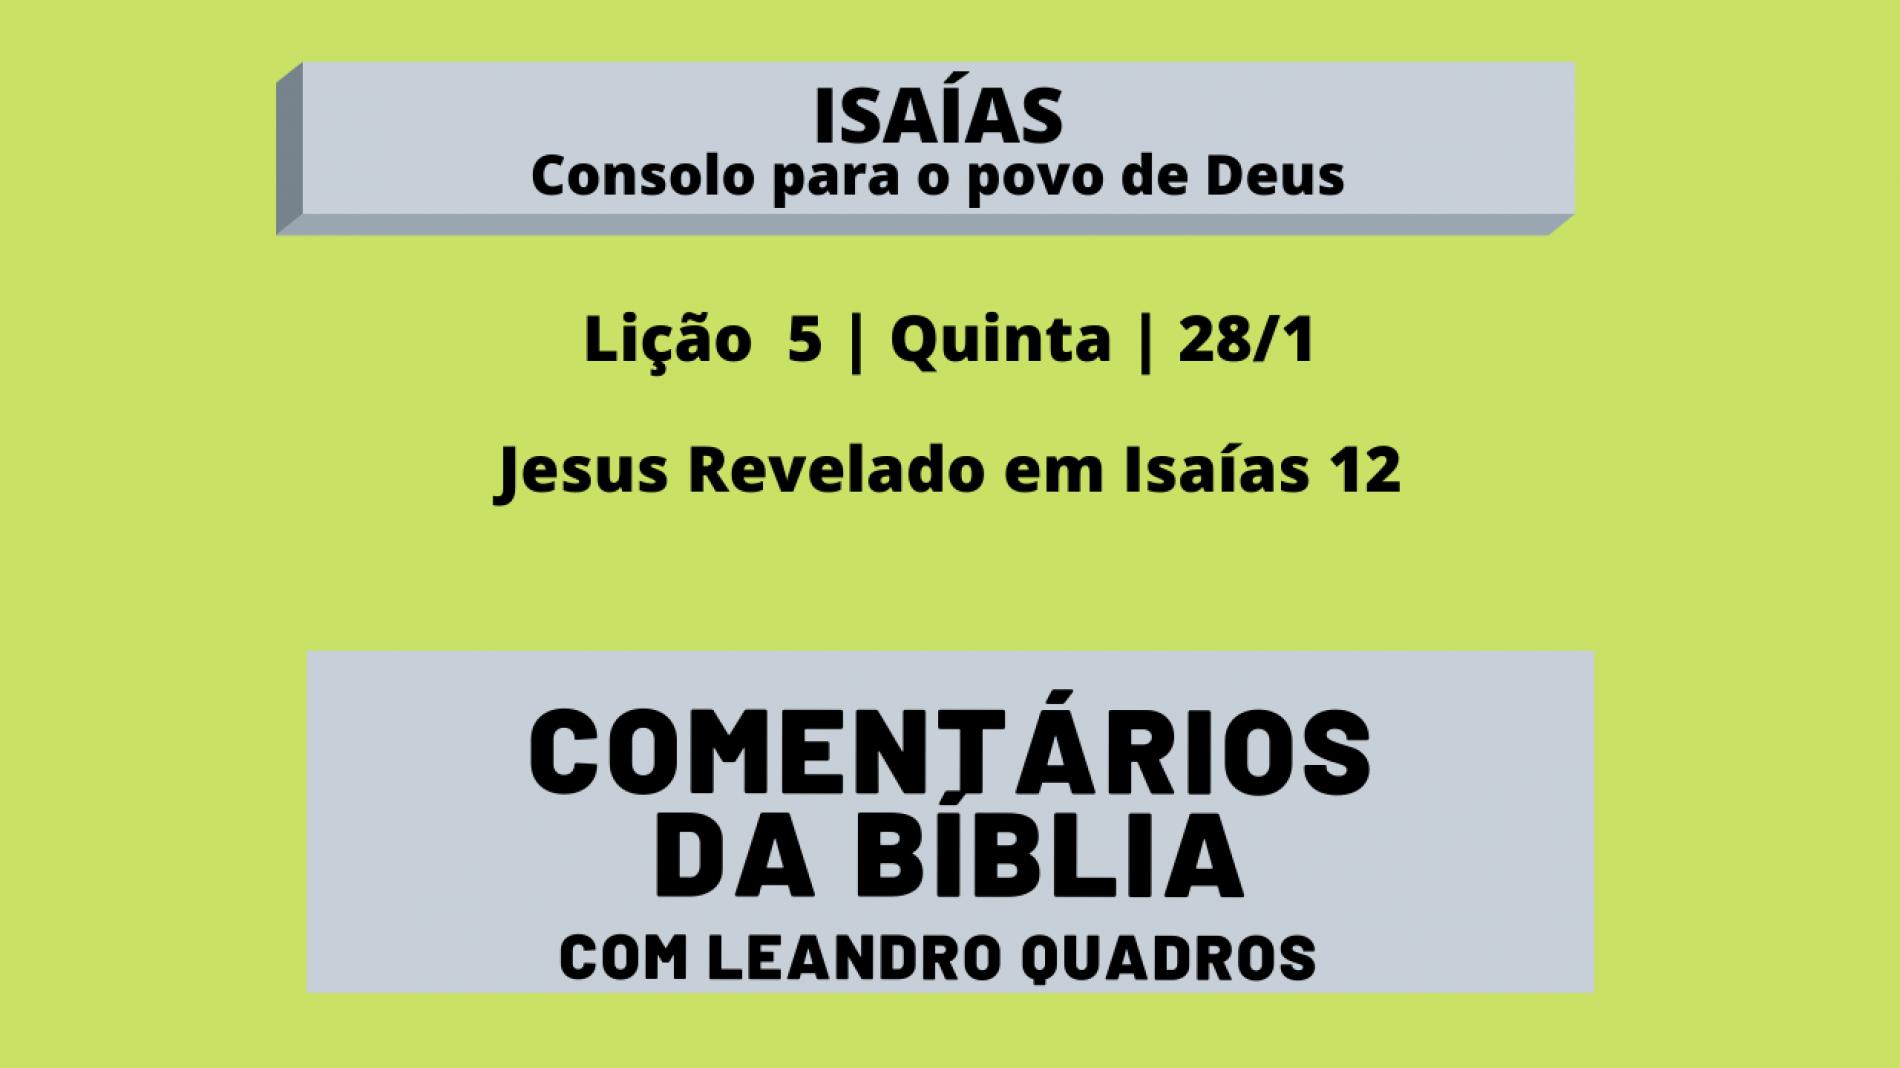 Quinta |28/1| Jesus Revelado em Isaías 12 – Lição 5